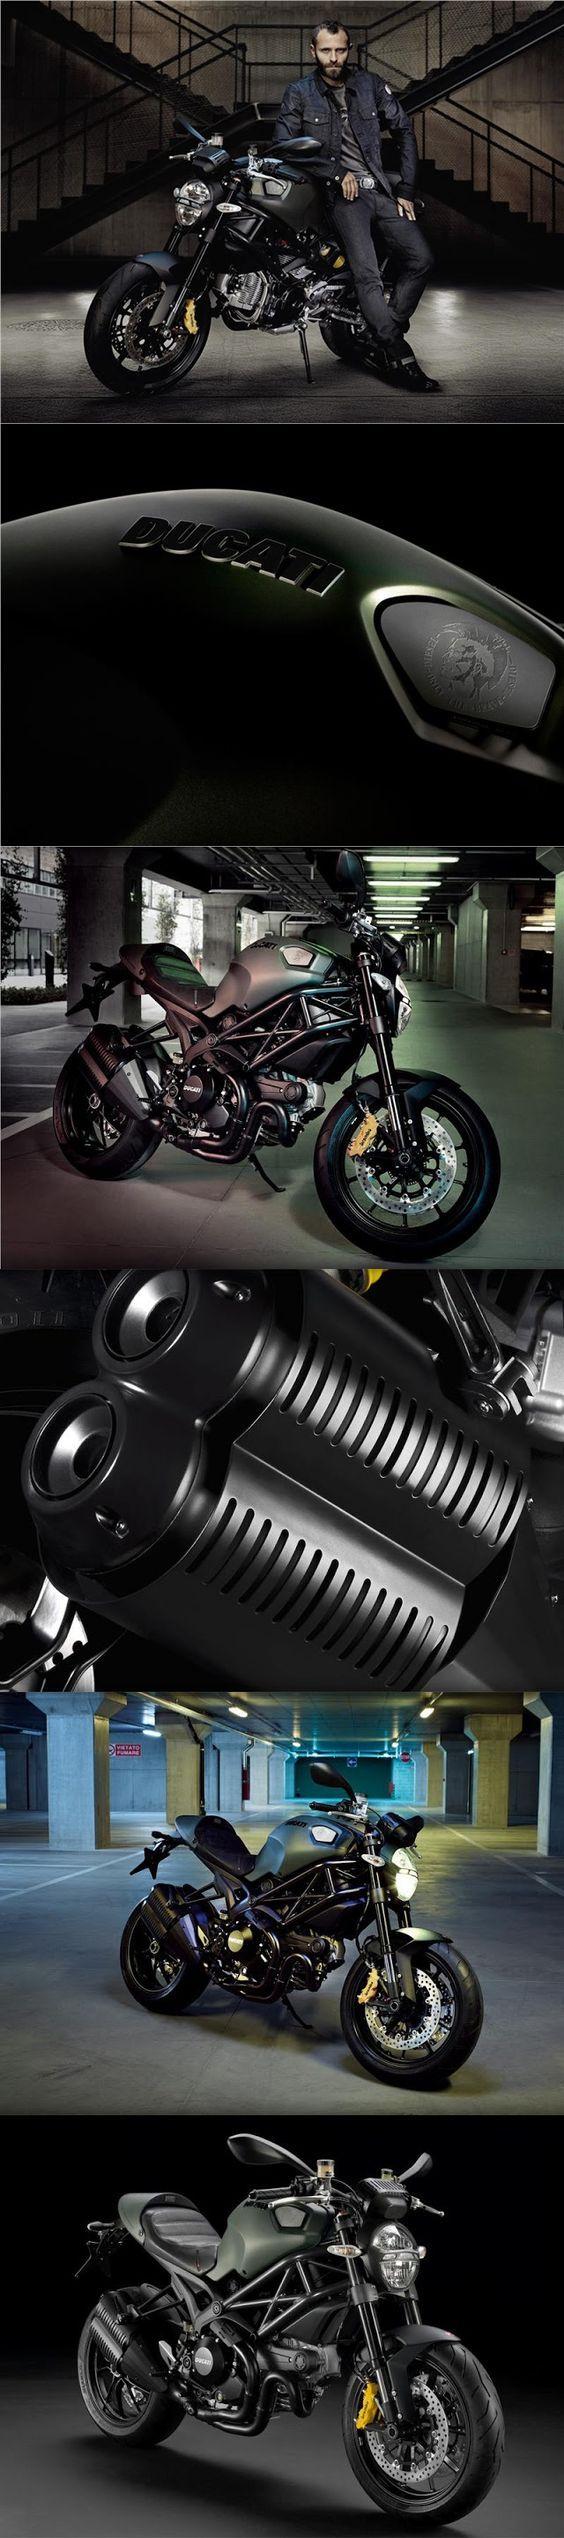 Ducati Monster 1100 Evo Diesel